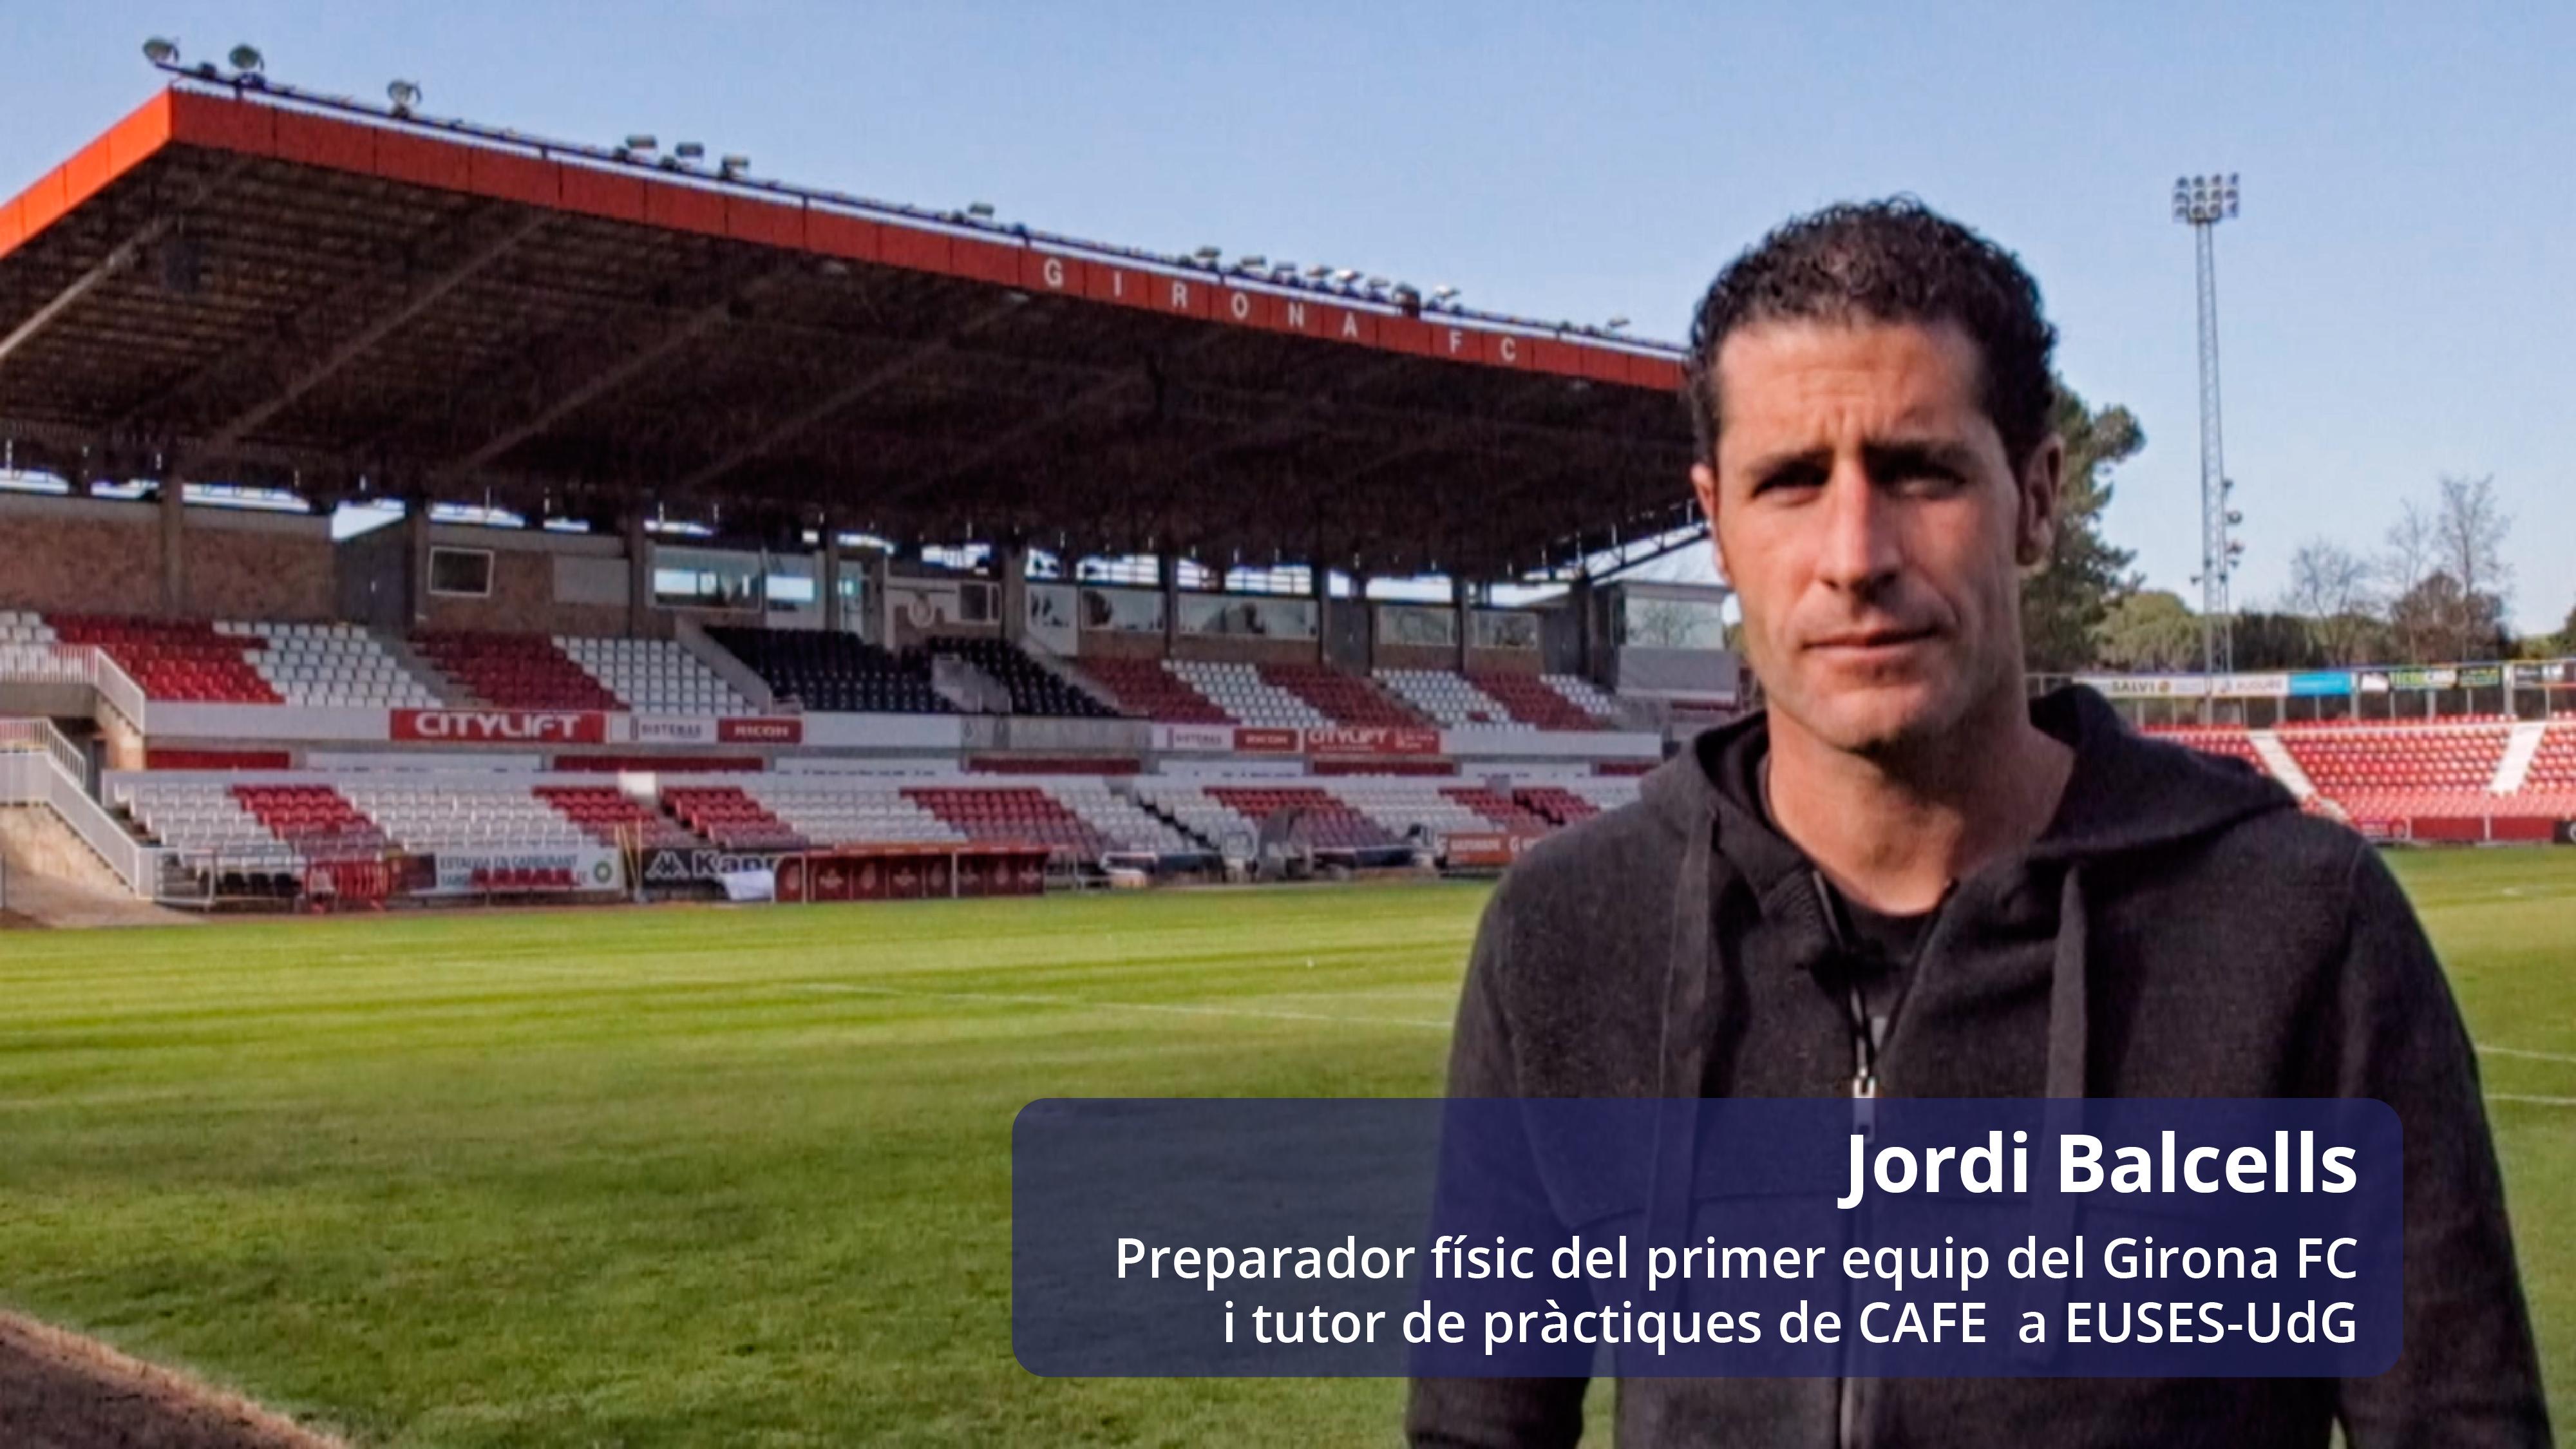 Conversem amb Jordi Balcells, preparador físic del primer equip del Girona FC i tutor de pràctiques del Grau en Ciències de l'Activitat Física i l'Esport d'EUSES-UdG